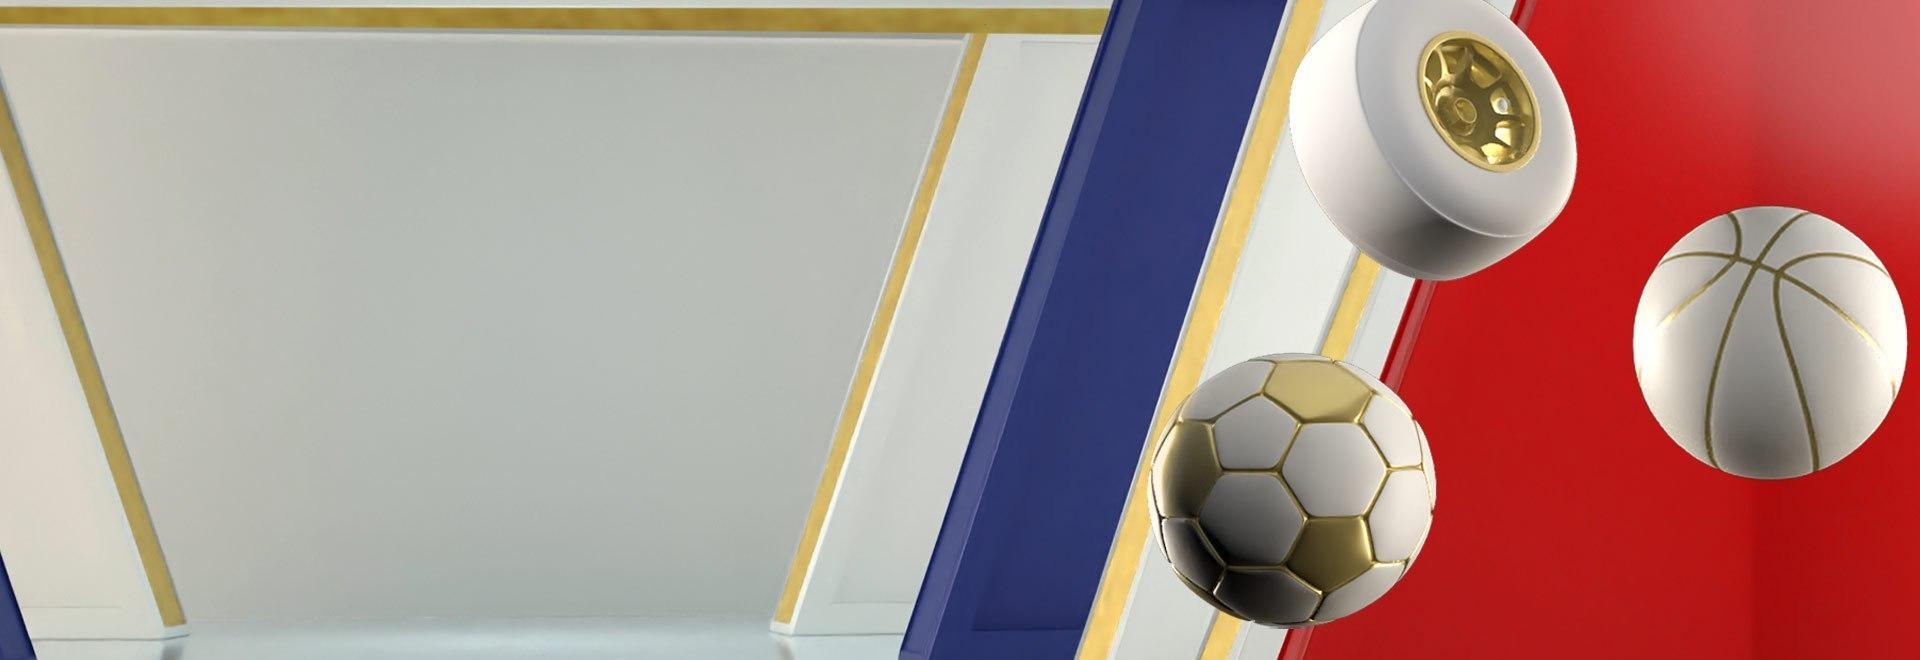 La Casa dello Sport Serie B